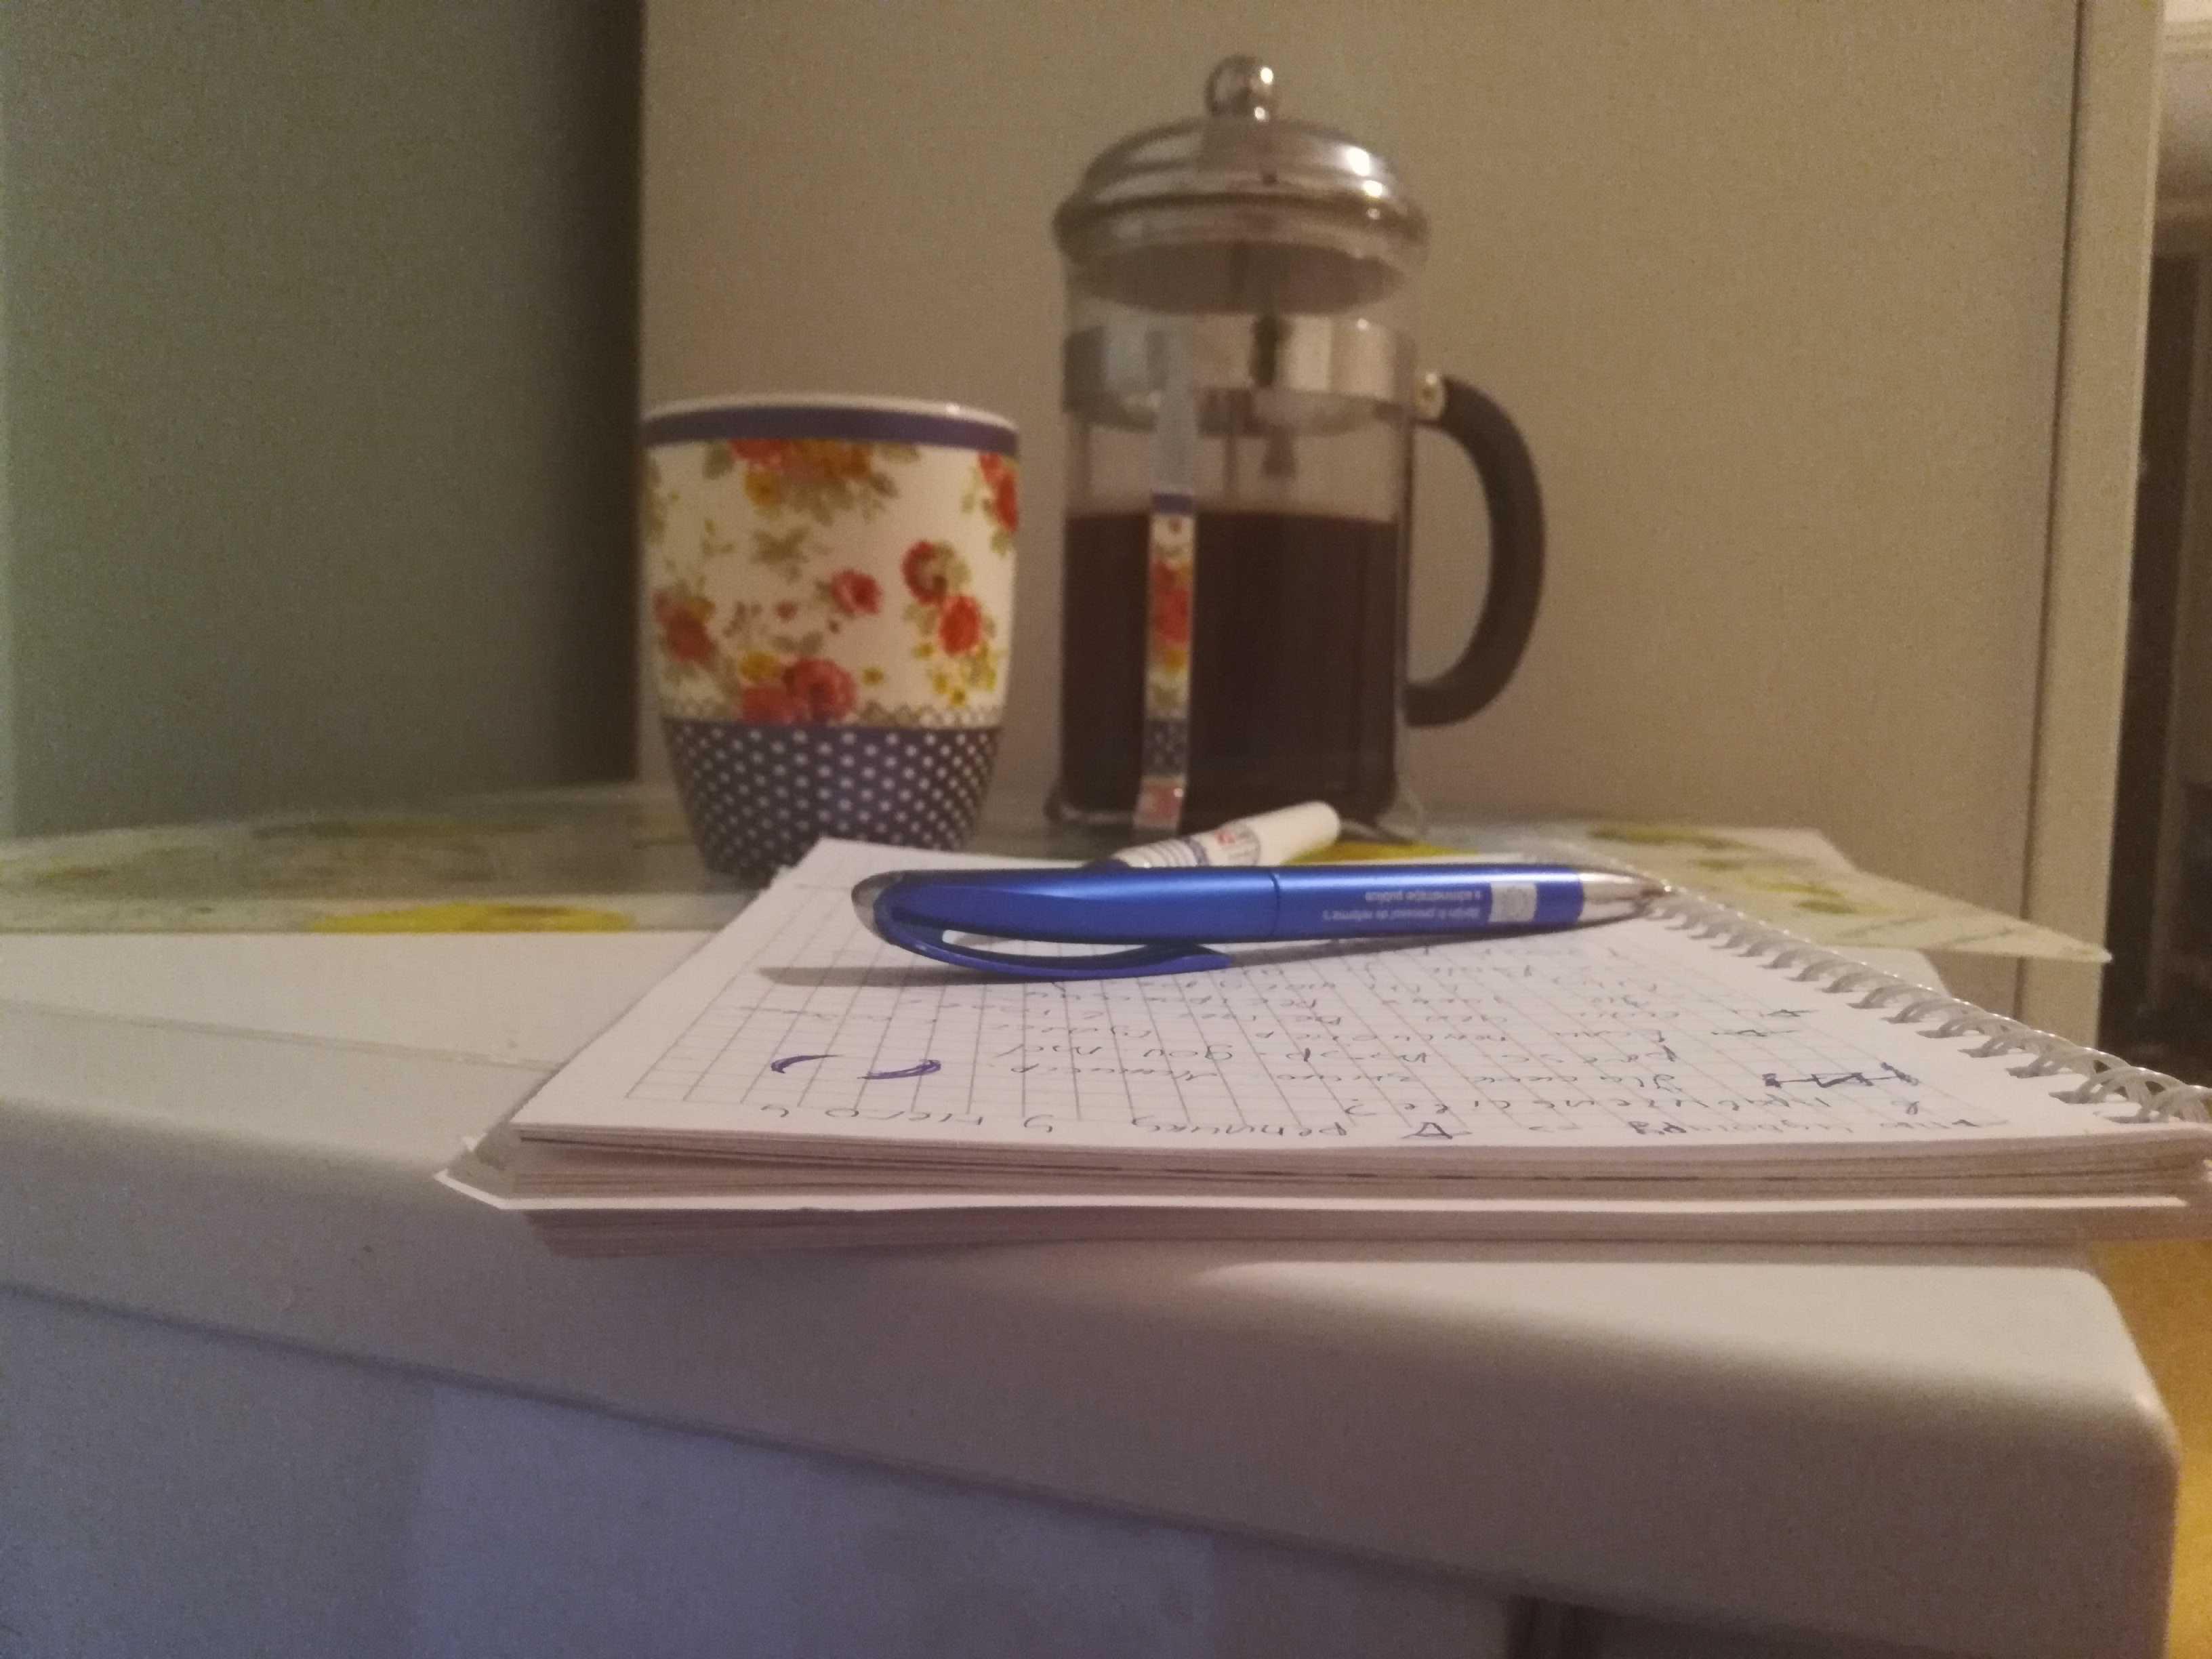 Кружка кофе с корицей, две прогулки и «все будет хорошо». Как редакция NewsMaker работает в изоляции. Пятница Надежды Копту